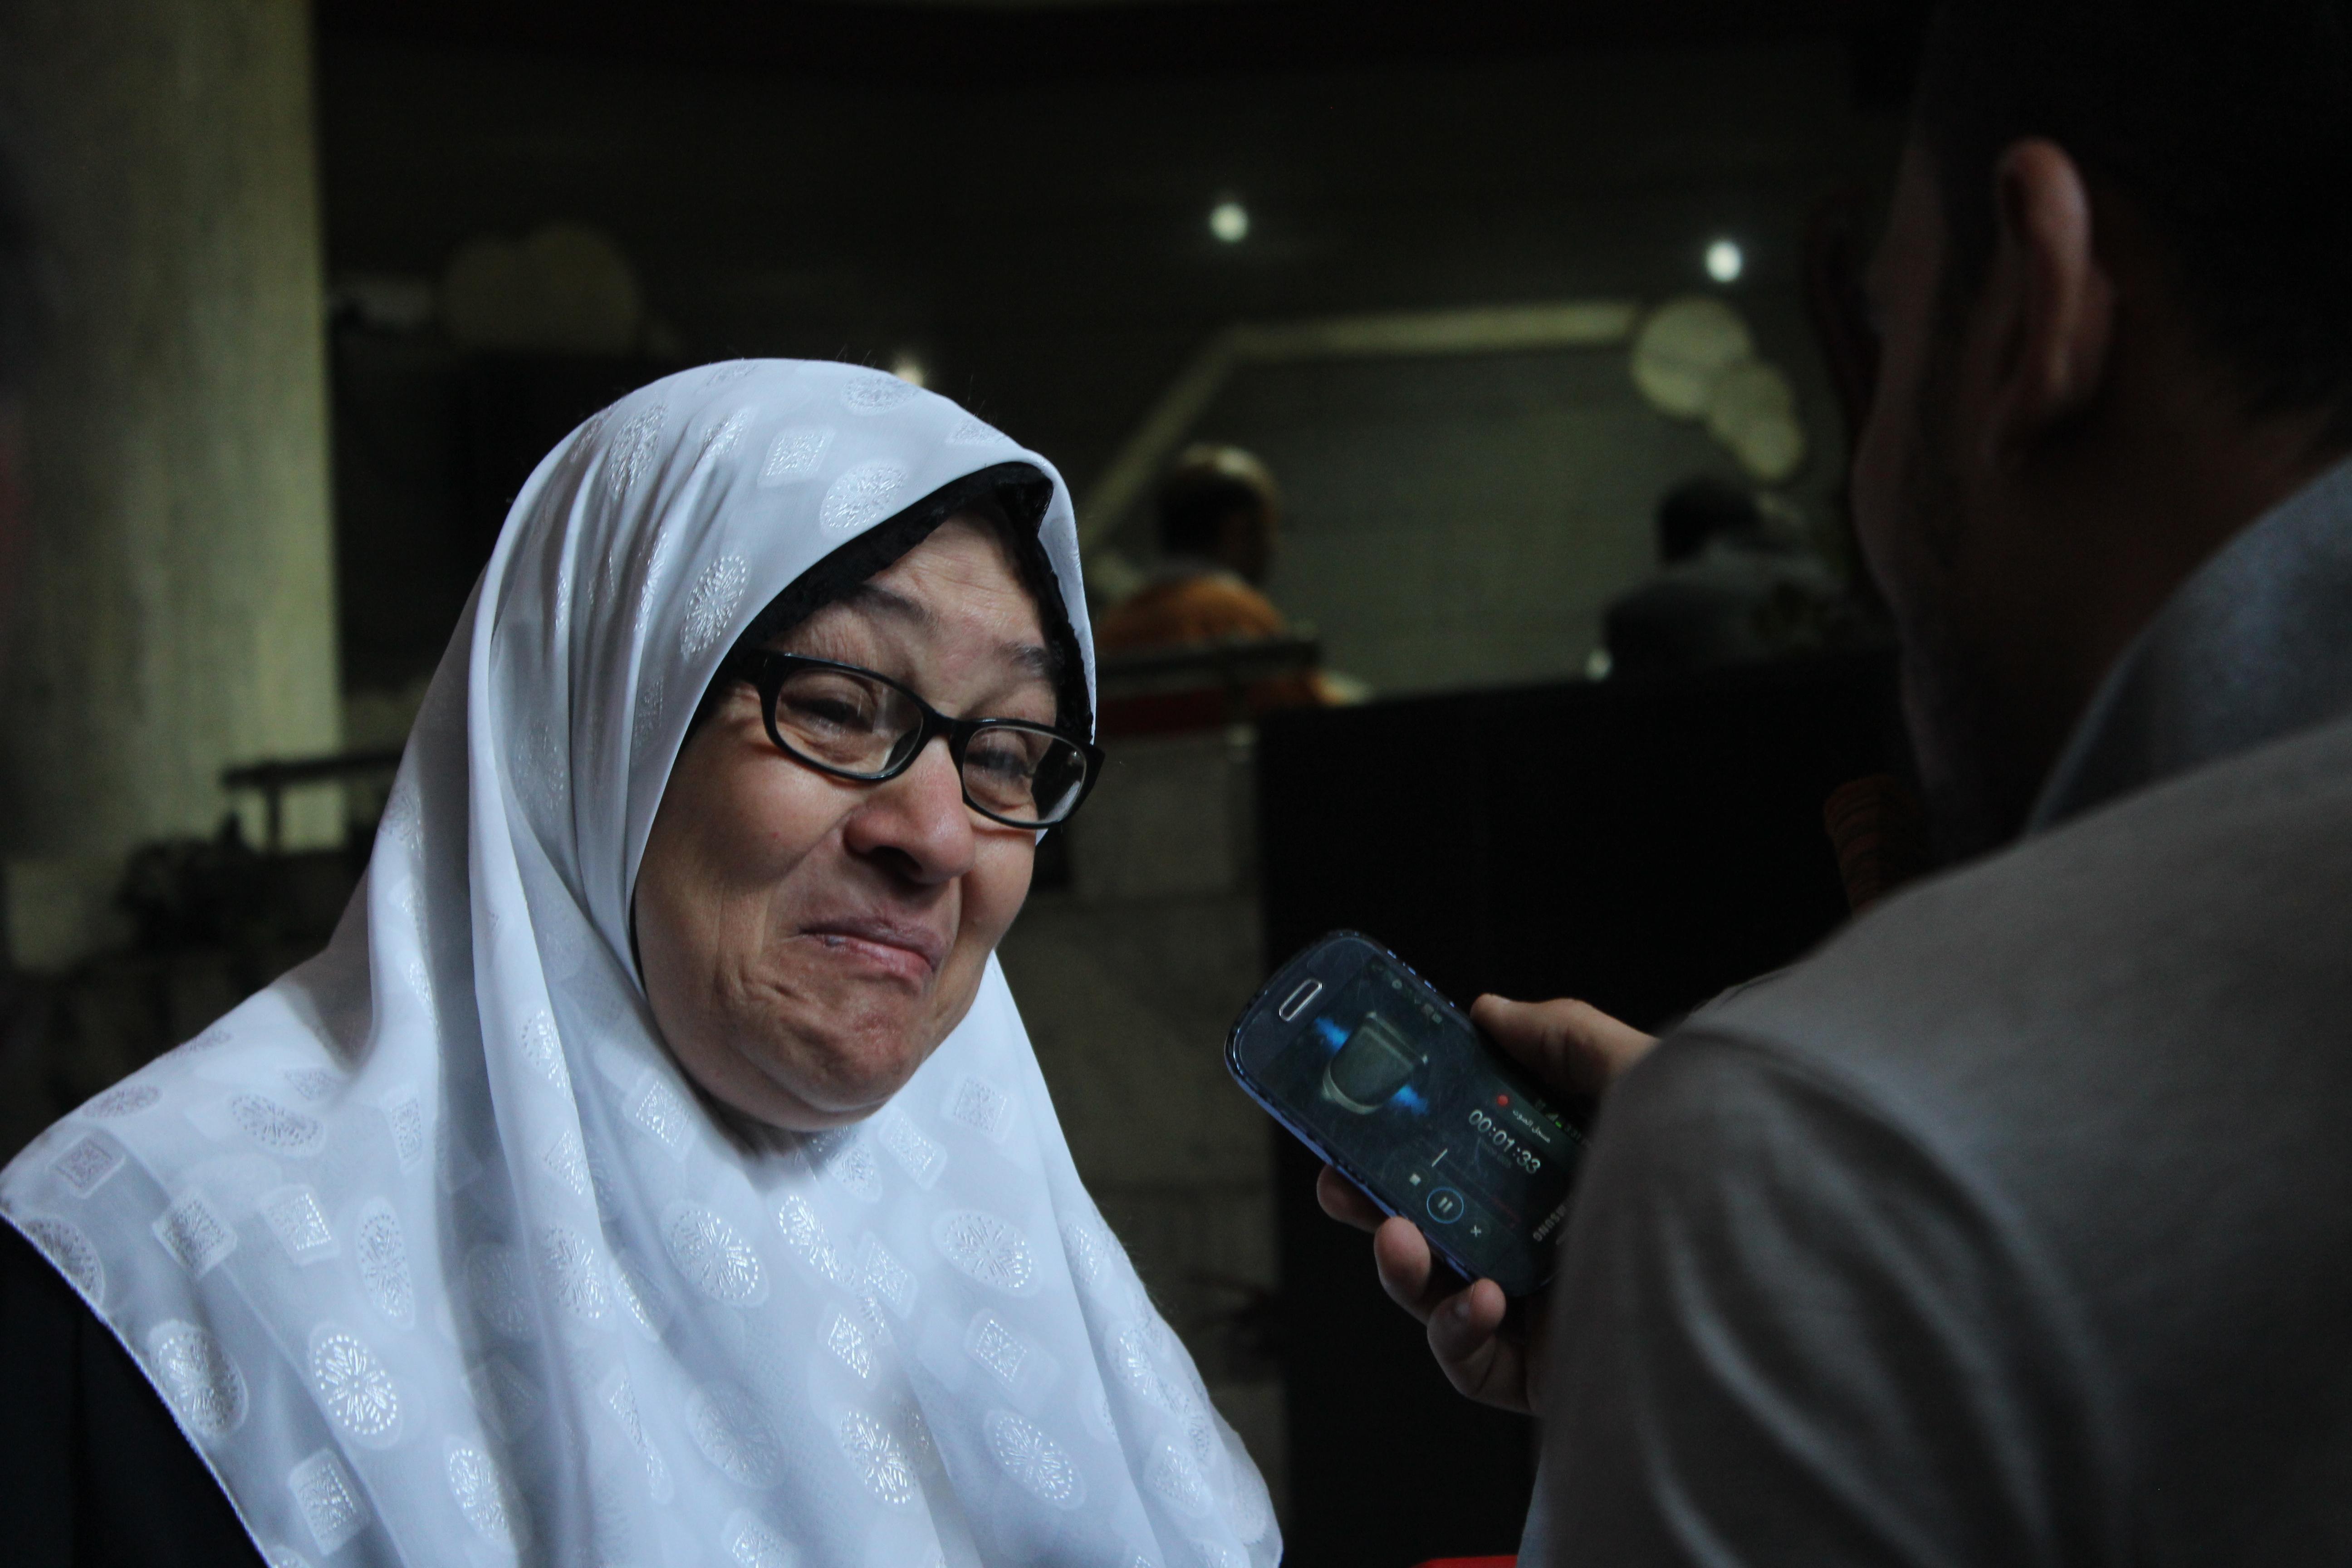 والدة المصور الصحفي محمود شوكان